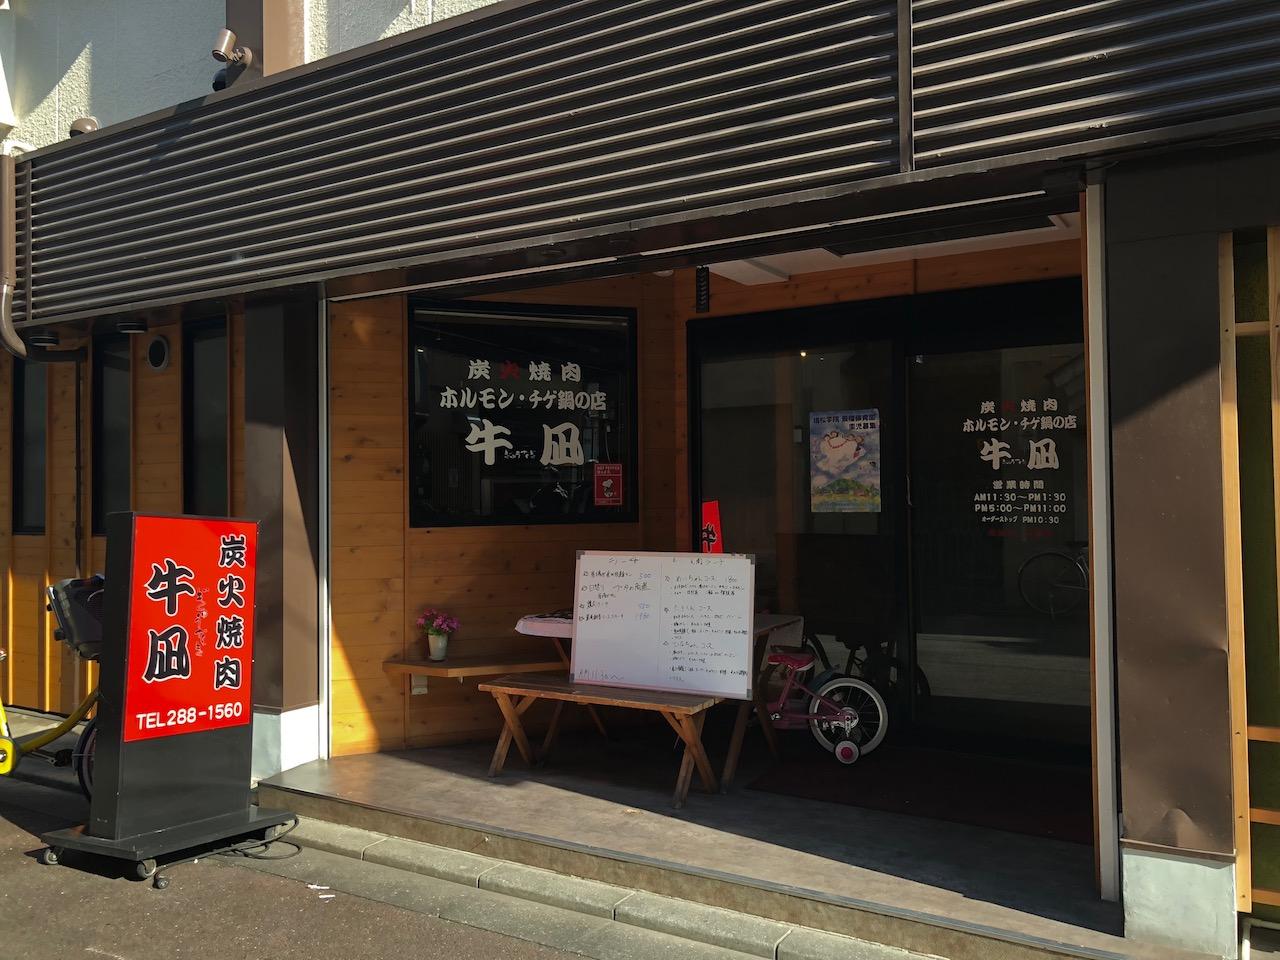 唐揚げ食べ放題の牛凪で日替わりのトロ〜ンと美味い角煮を食べてきた!